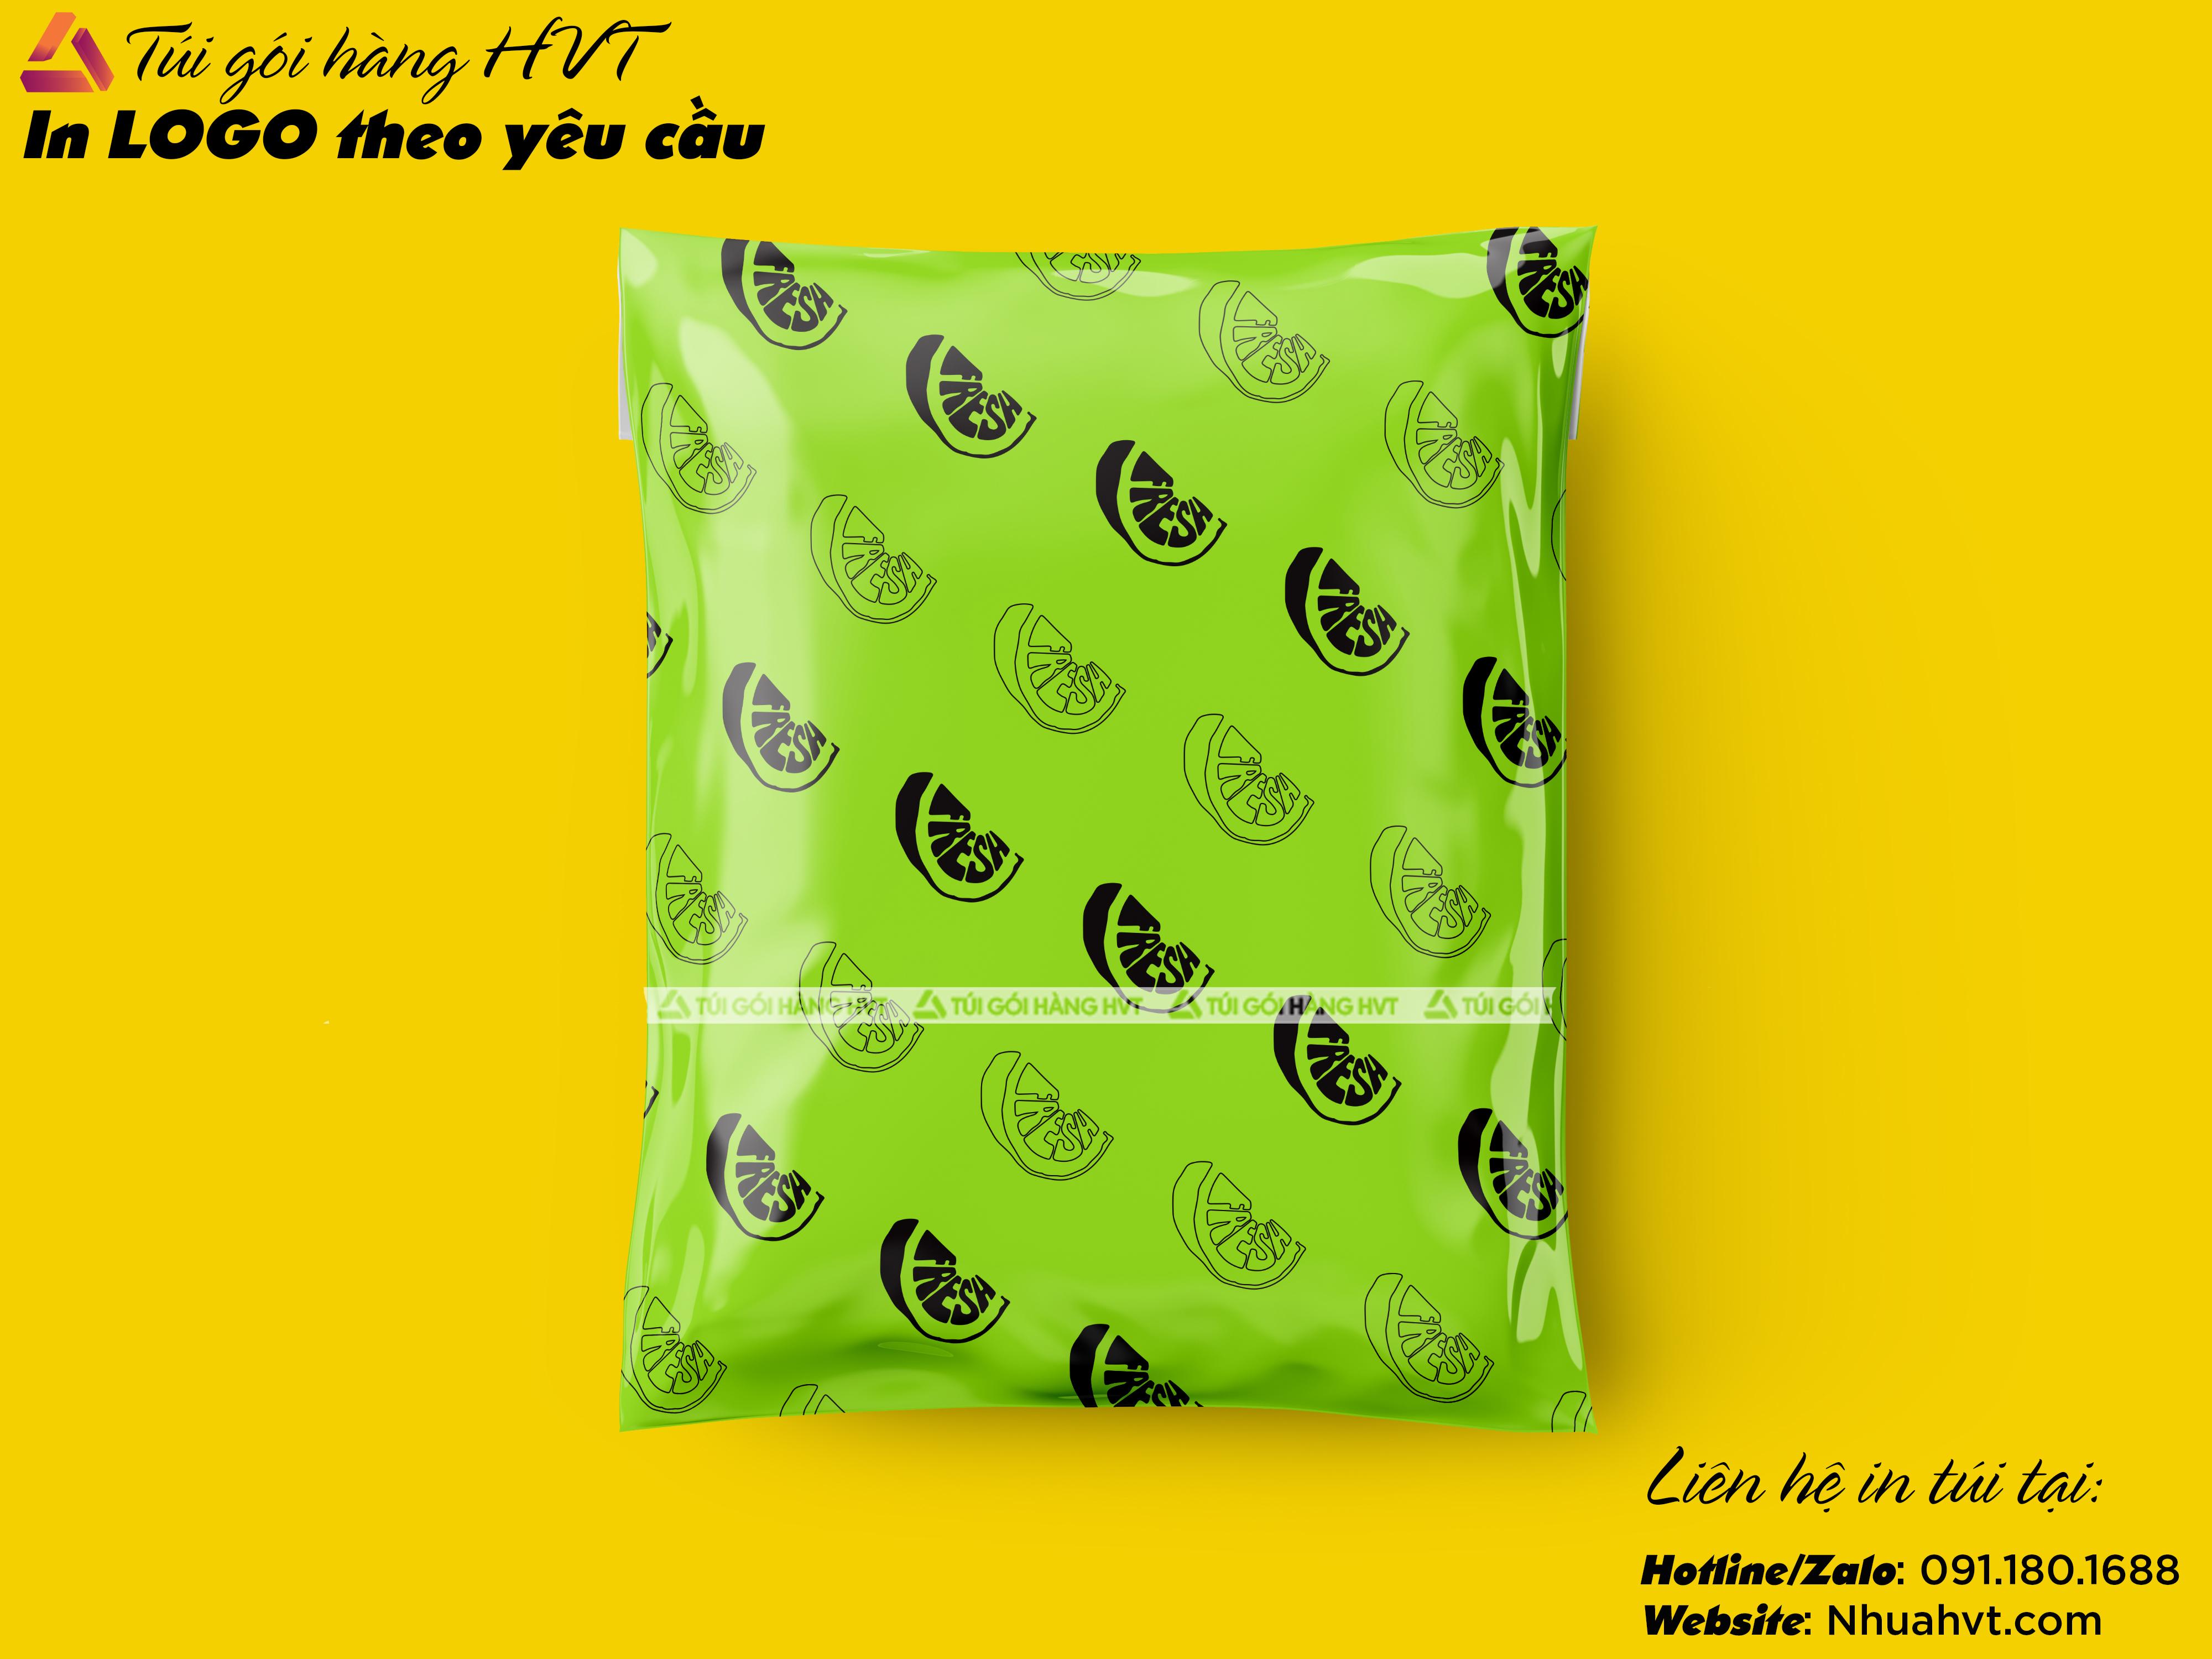 Túi đóng hàng COD màu xanh neon size 32*45 in logo